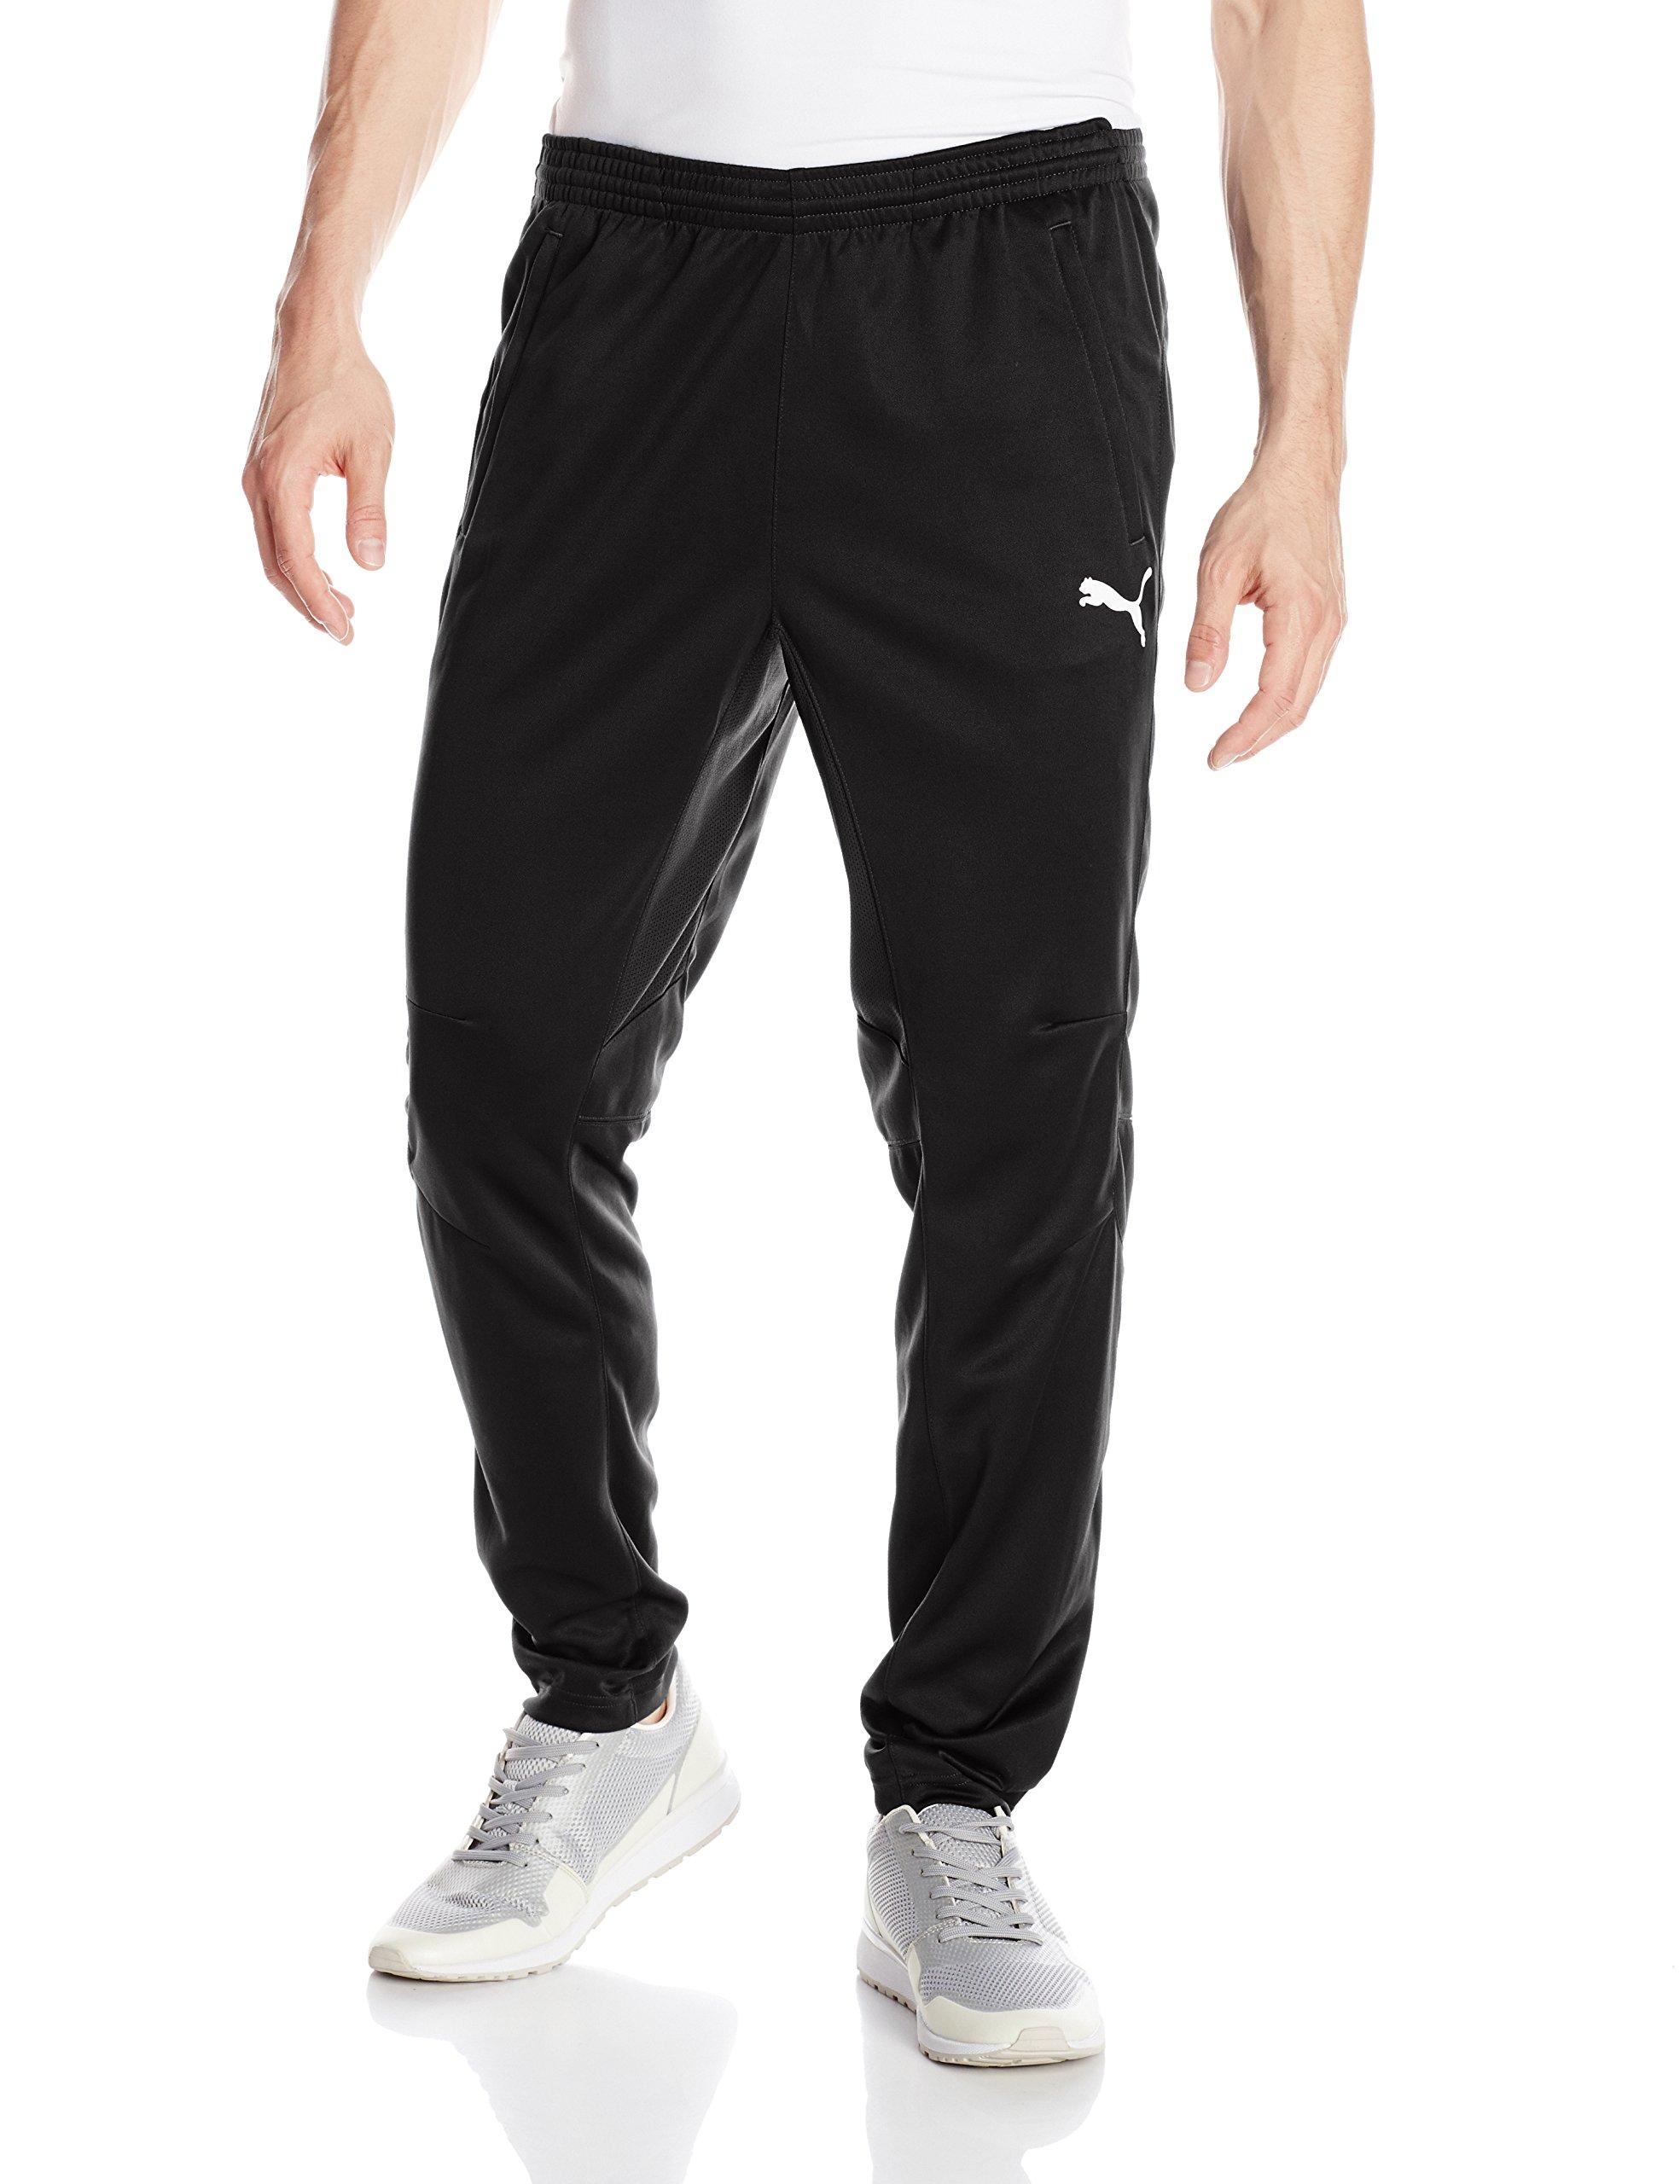 PUMA Men's Training Pant, Black/White, S